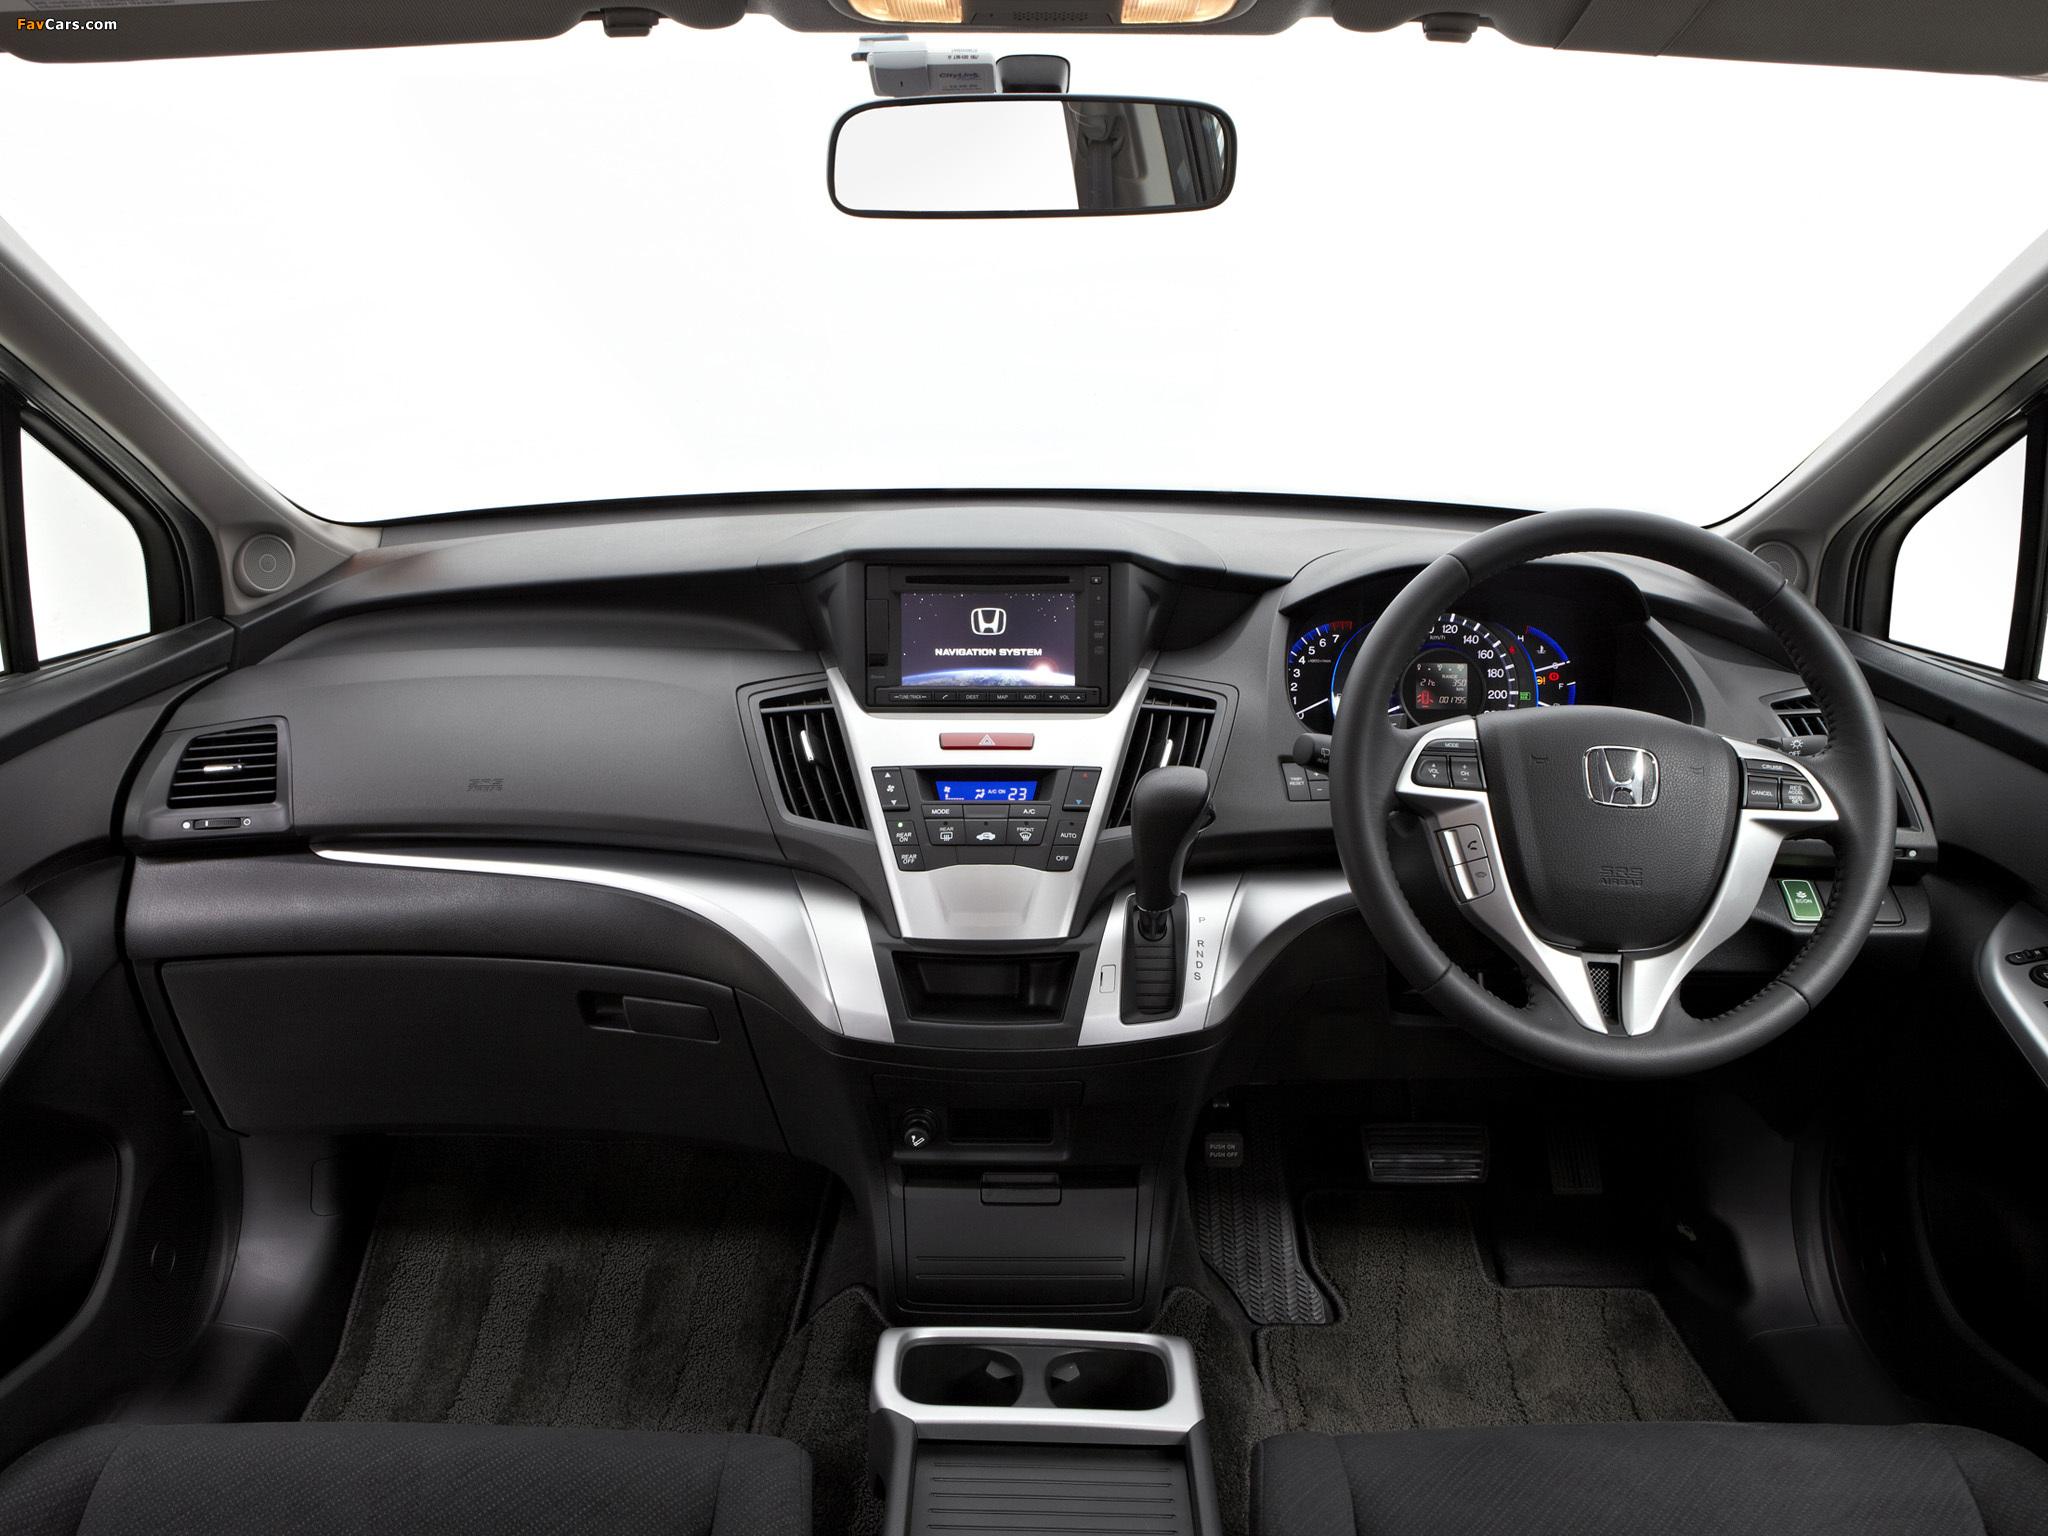 Honda Odyssey AU-spec (RB3) 2011 photos (2048x1536)